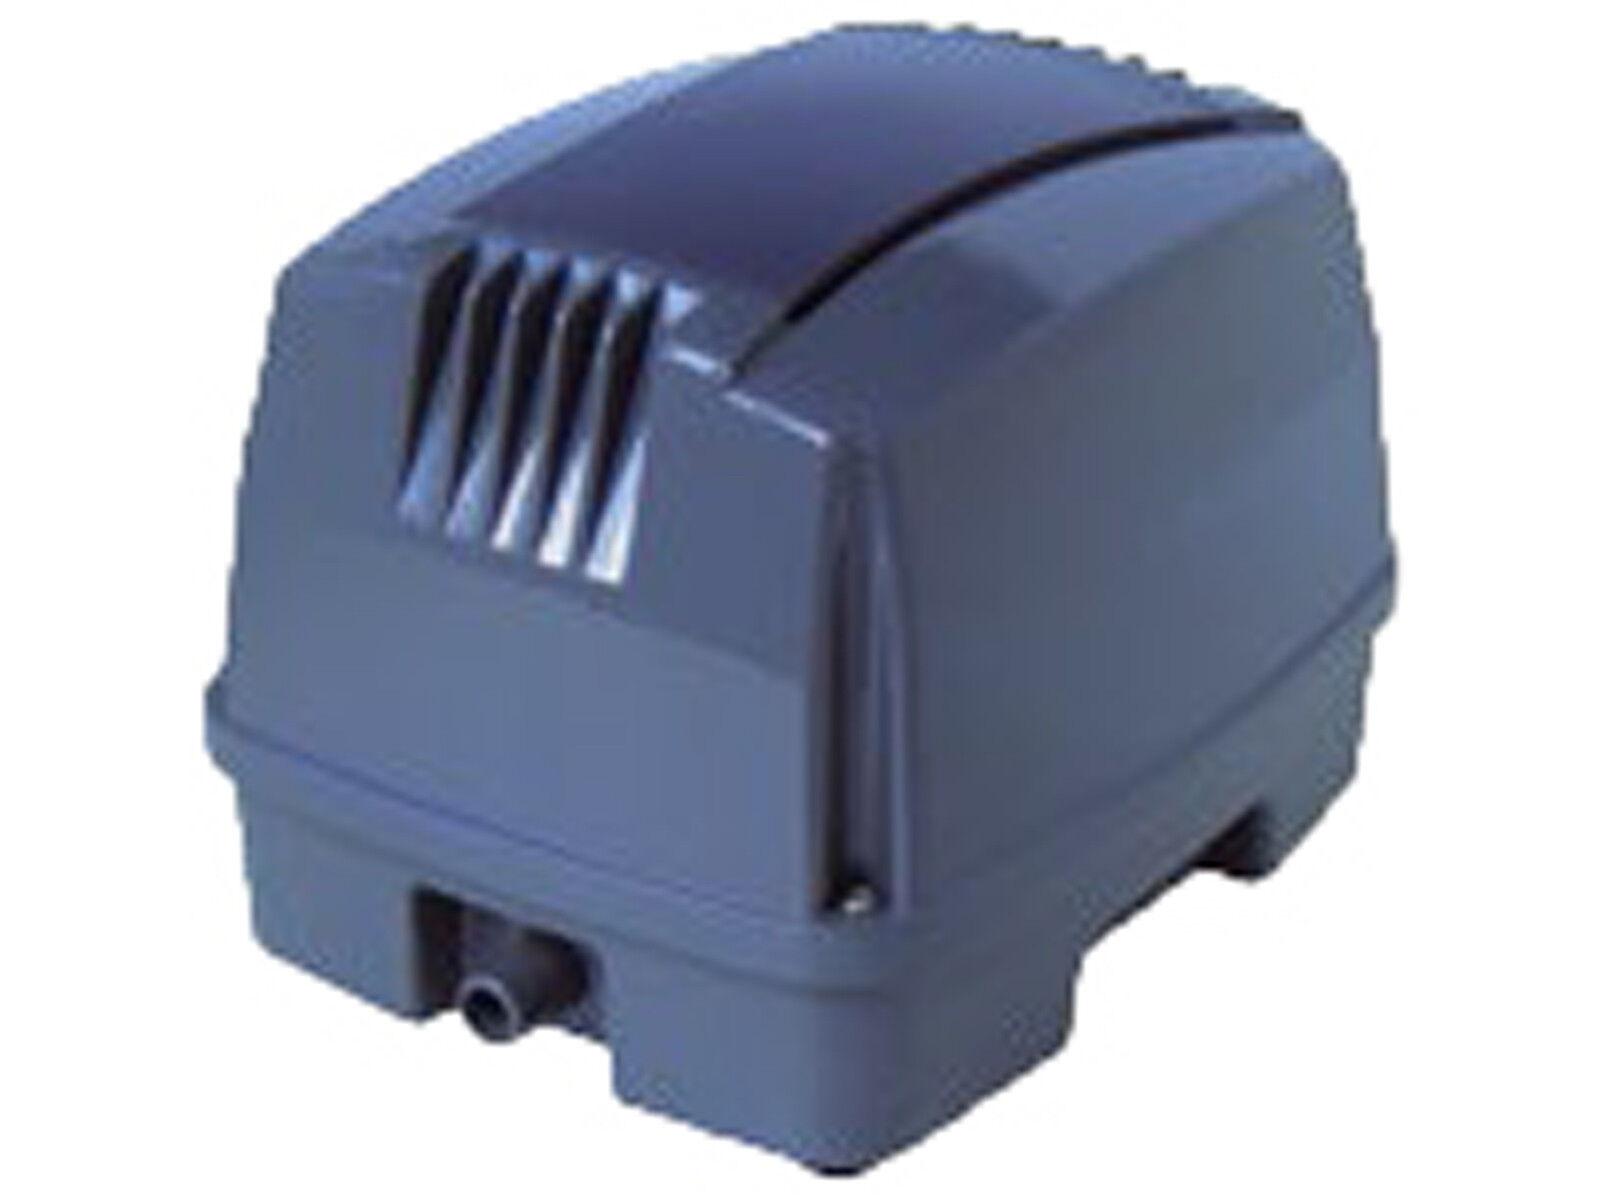 Membran compresor Hailea HAP 60 estanque acuario compresor insuflación bomba de 45 vatios